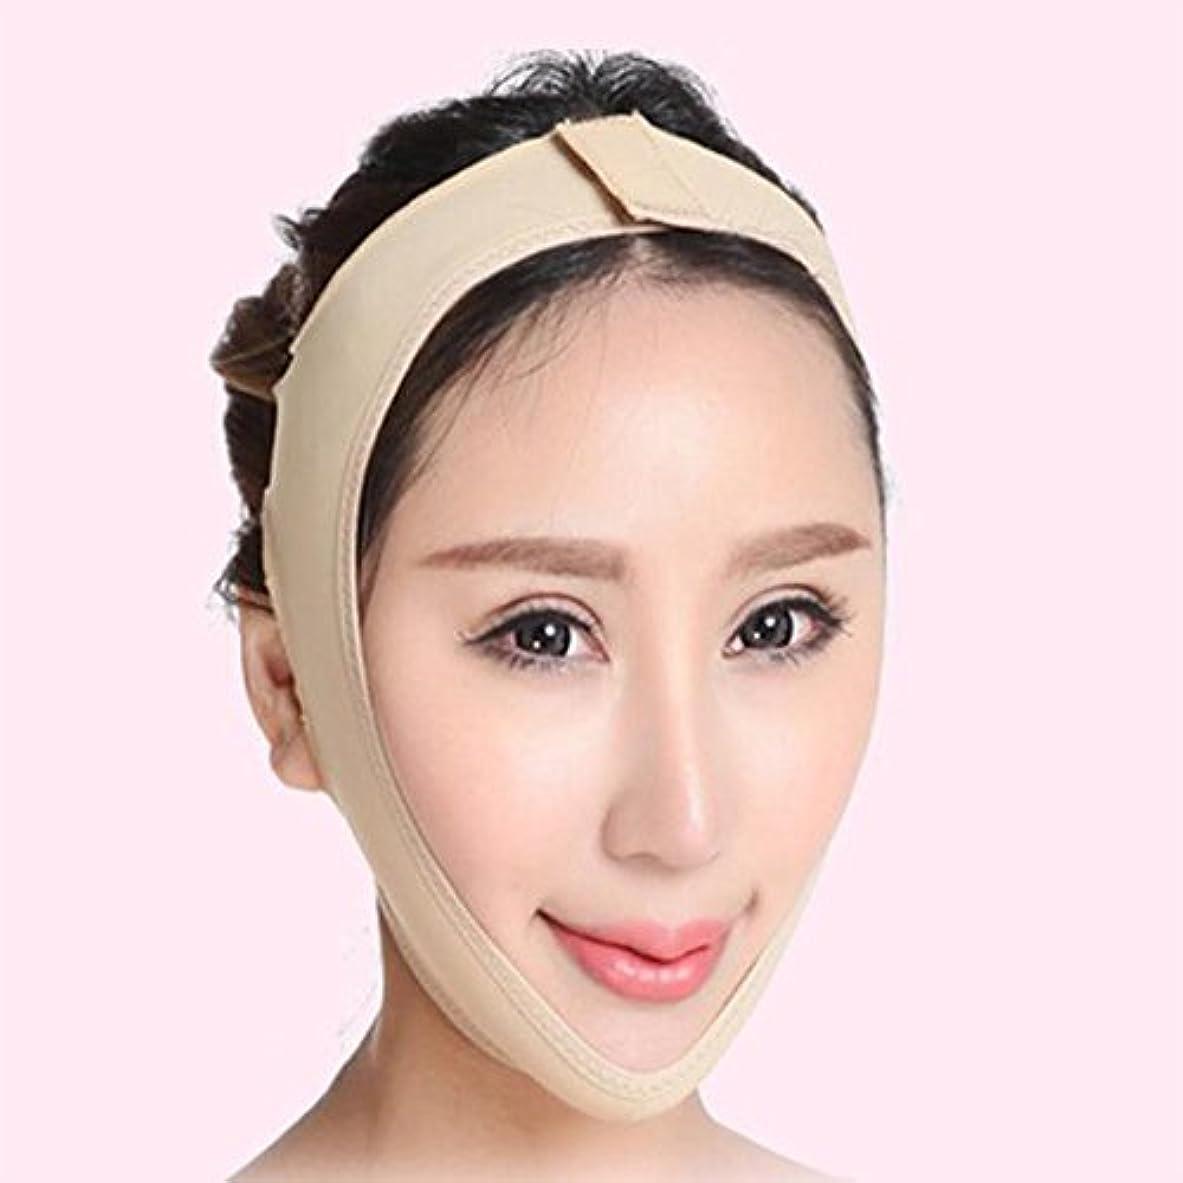 口ひげそれによって国勢調査SD 小顔 小顔マスク リフトアップ マスク フェイスライン 矯正 あご シャープ メンズ レディース Lサイズ AZD15003-L